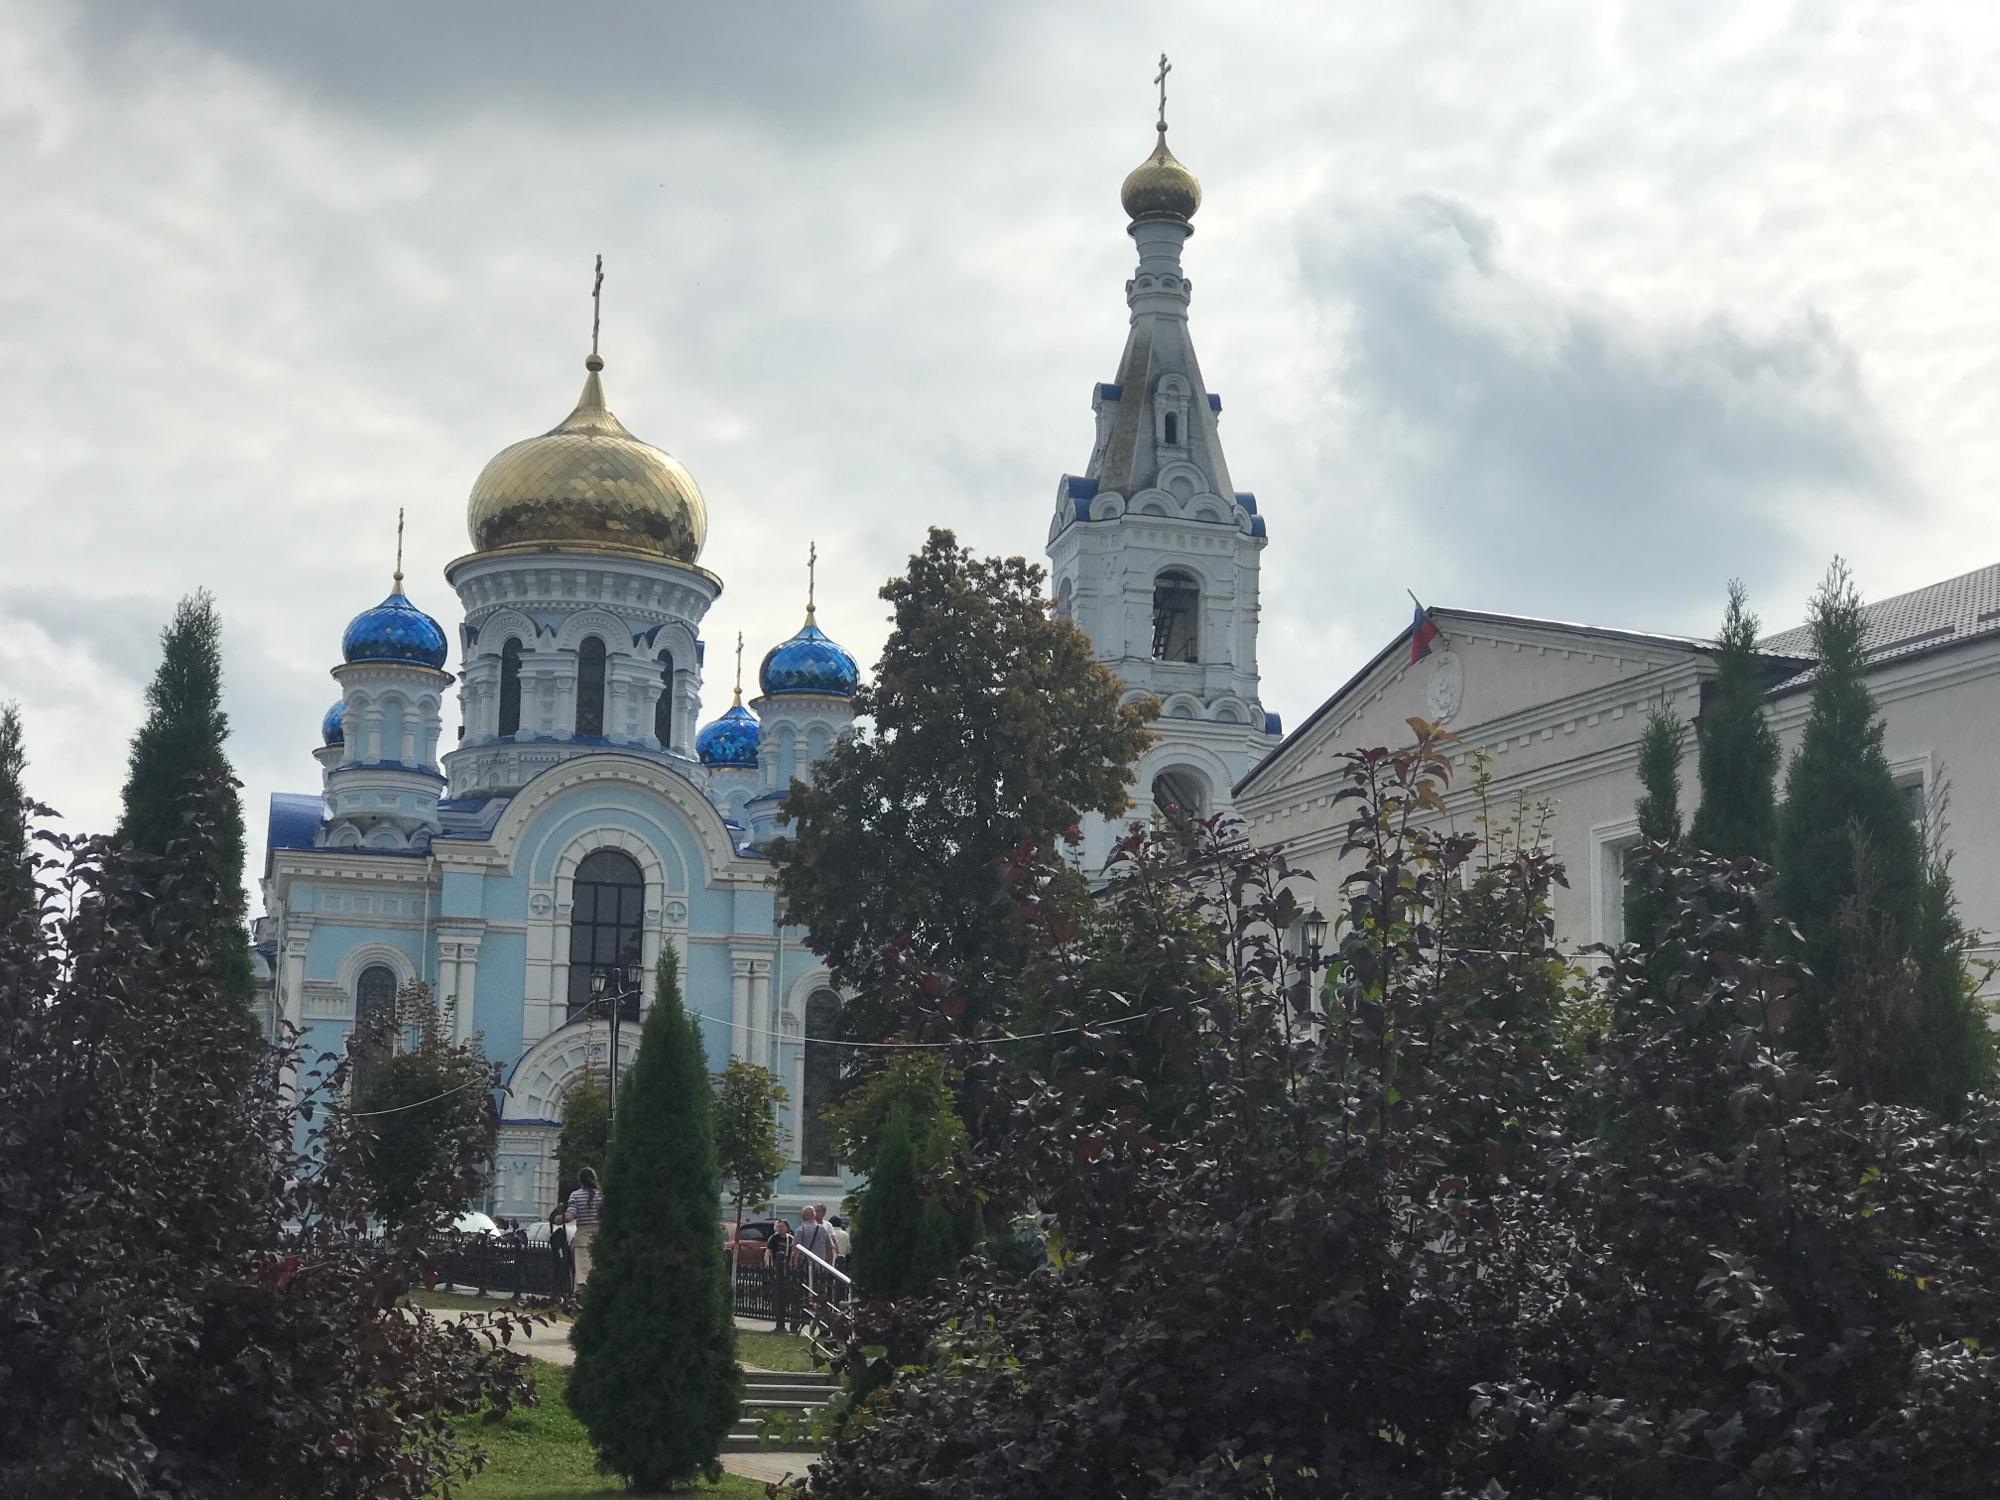 Город Малоярославец. Наши прошедшие выходные были в этом городе.